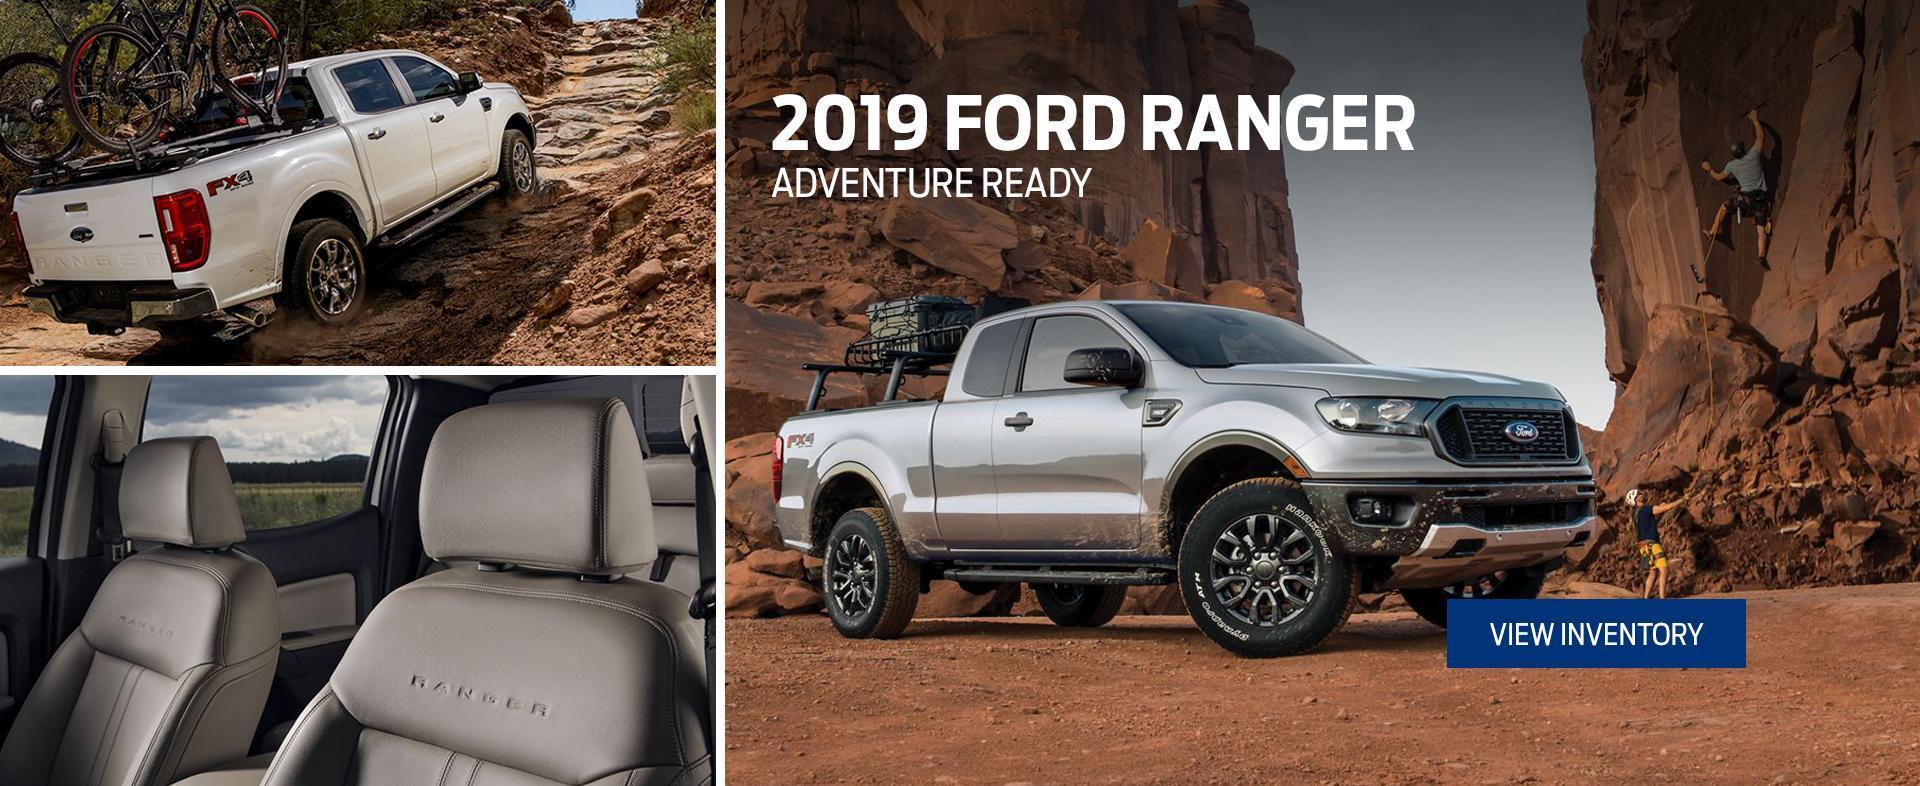 Ford Home 2019 Ranger